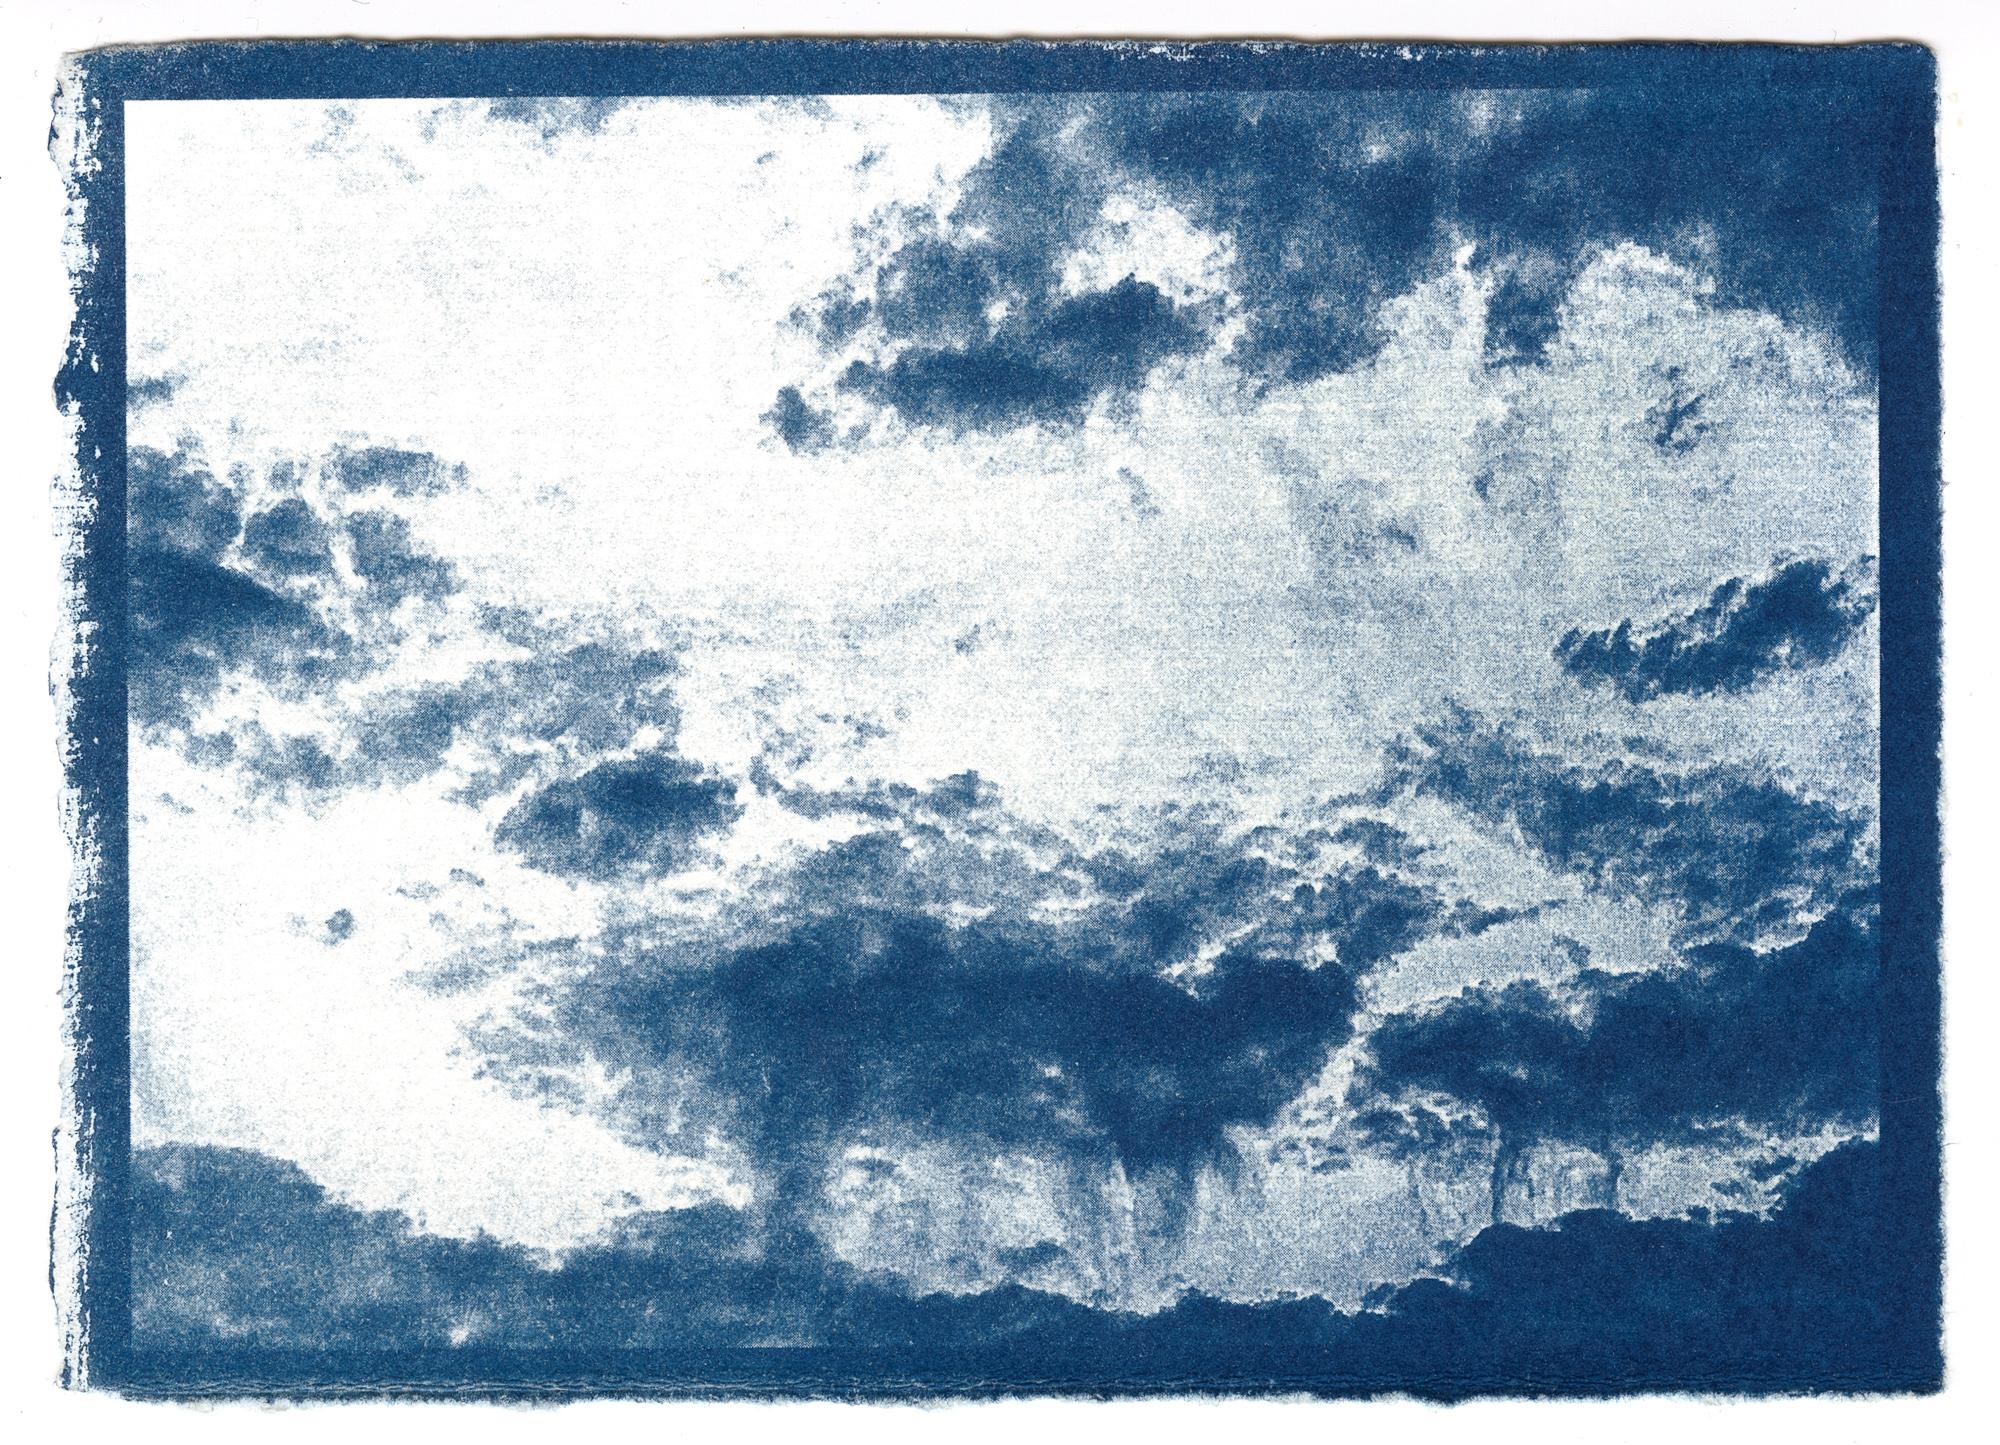 Sky 1 (31).jpg